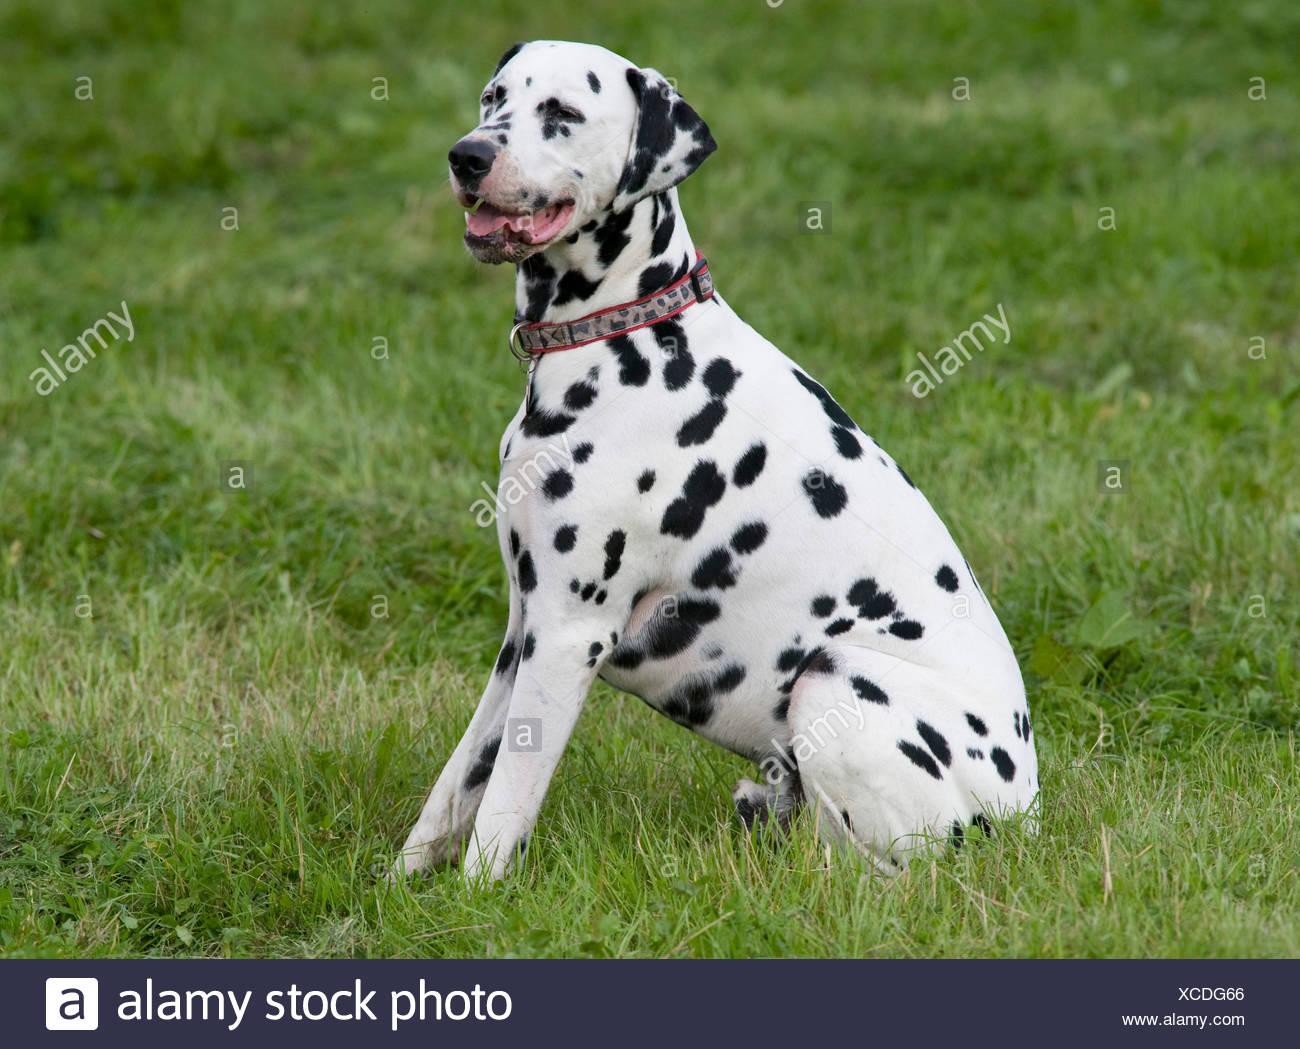 Dalmatian Dog UK in garden - Stock Image